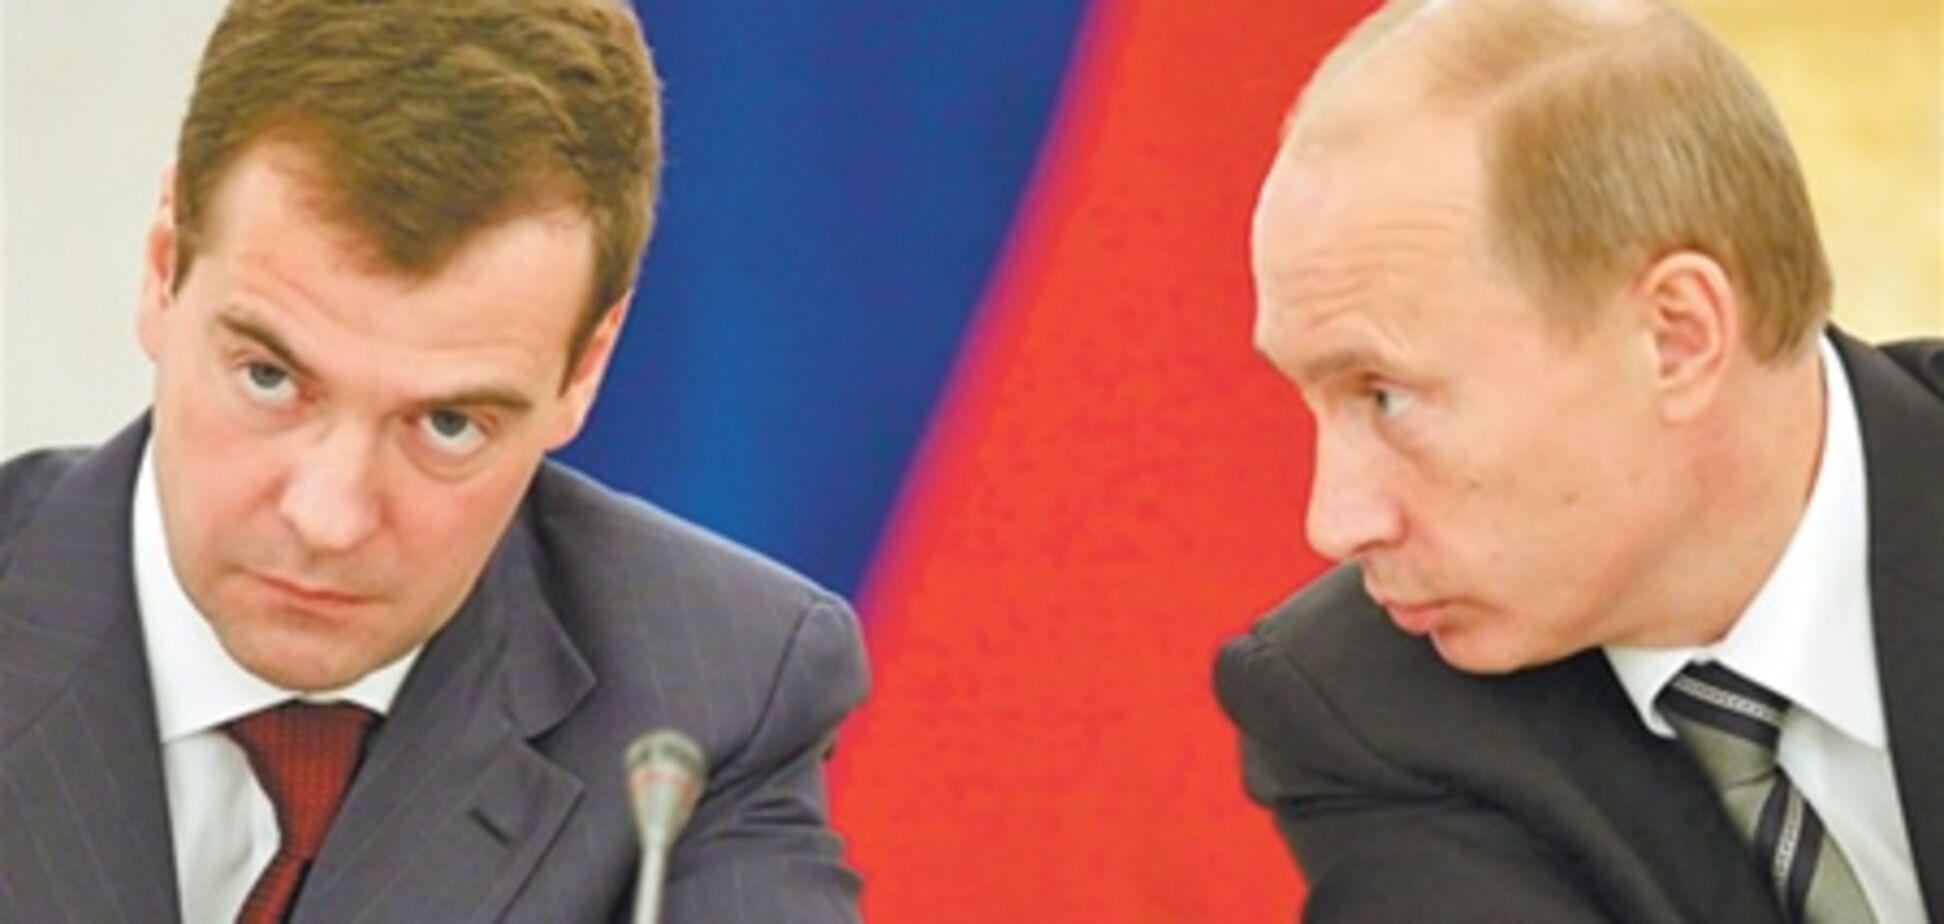 Путин пообещал Медведеву должность премьер-министра